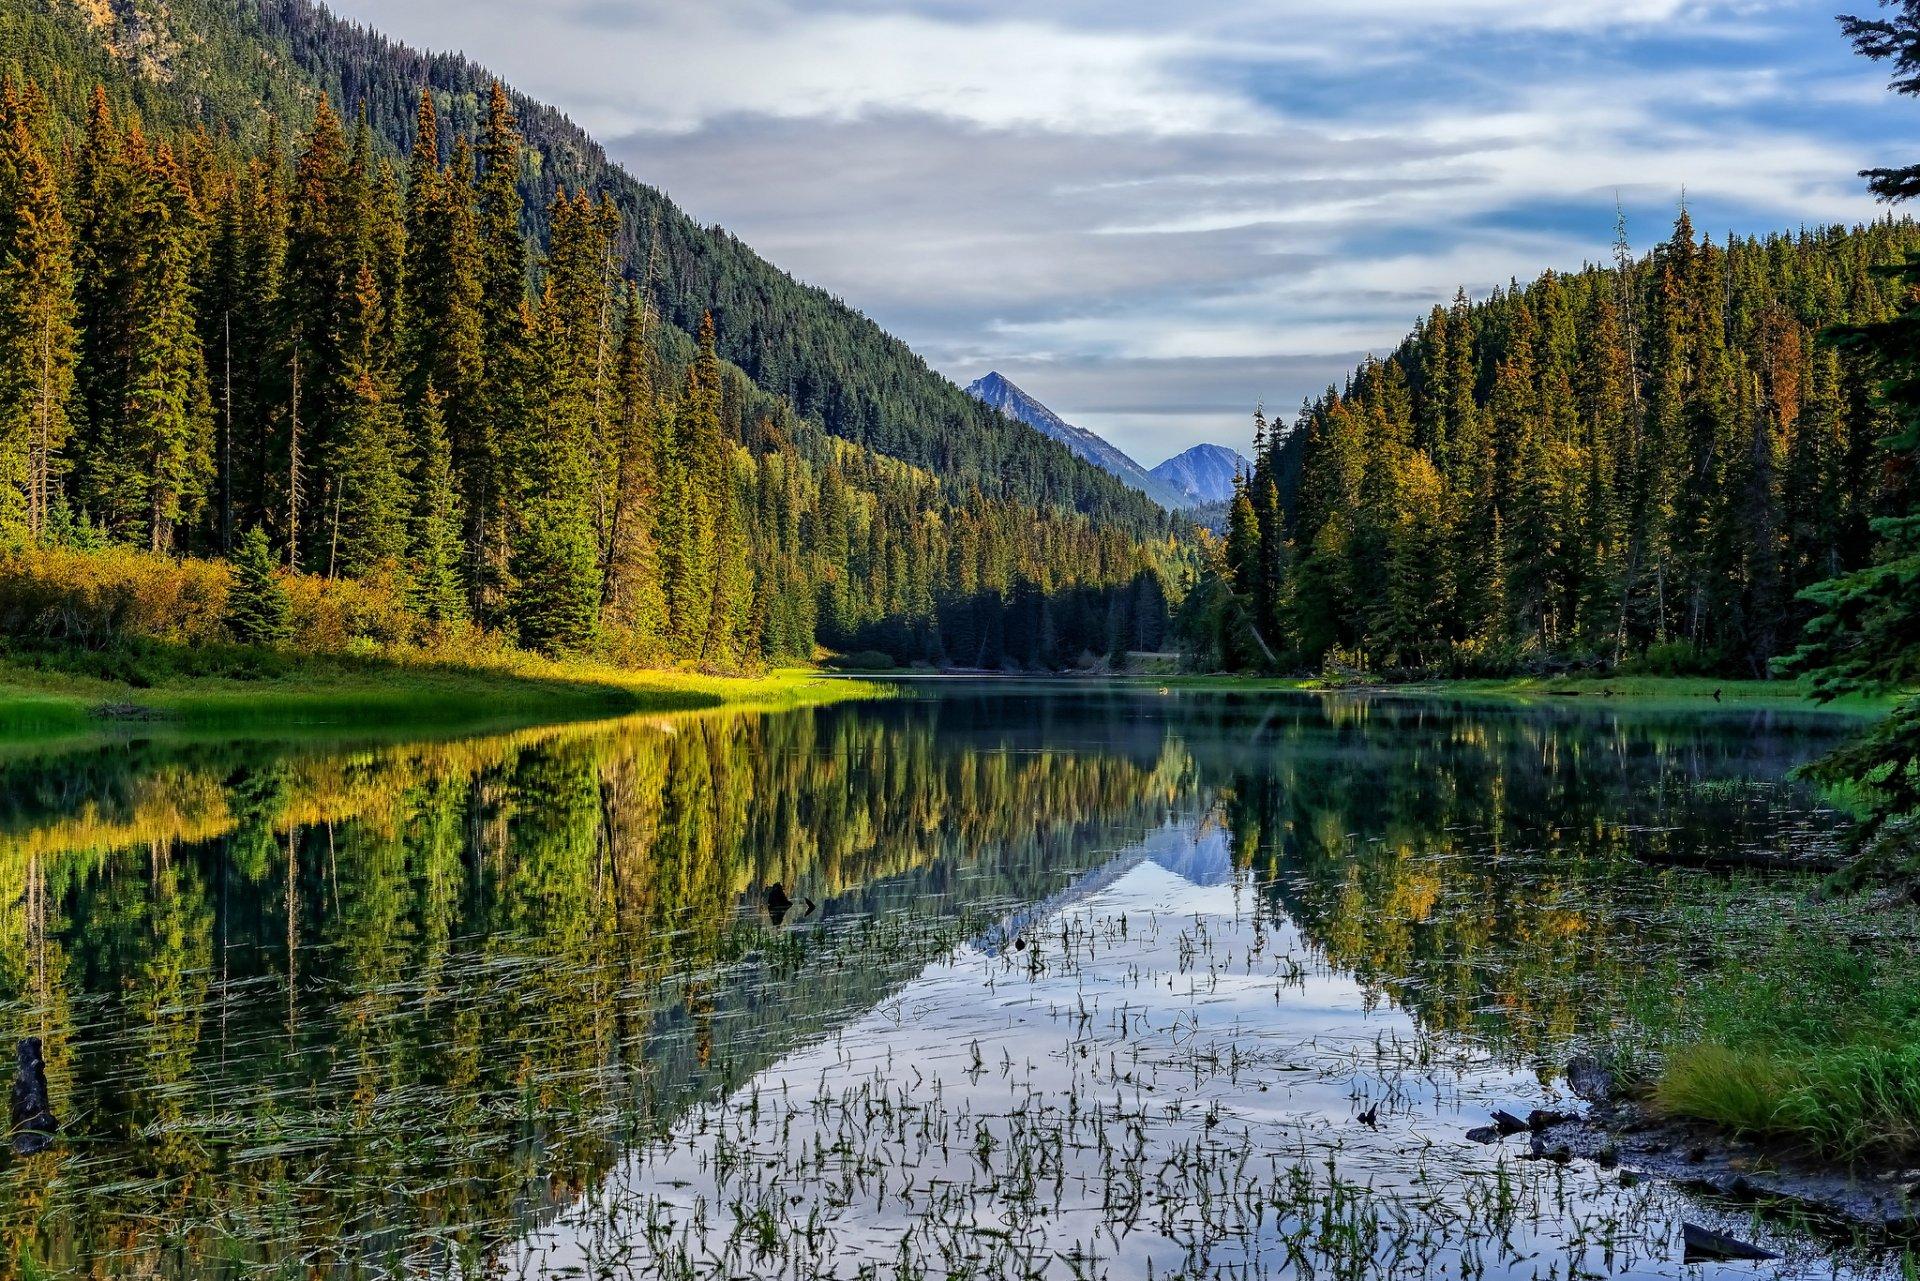 смотреть фото пейзажи на озерах будет проходить дальше